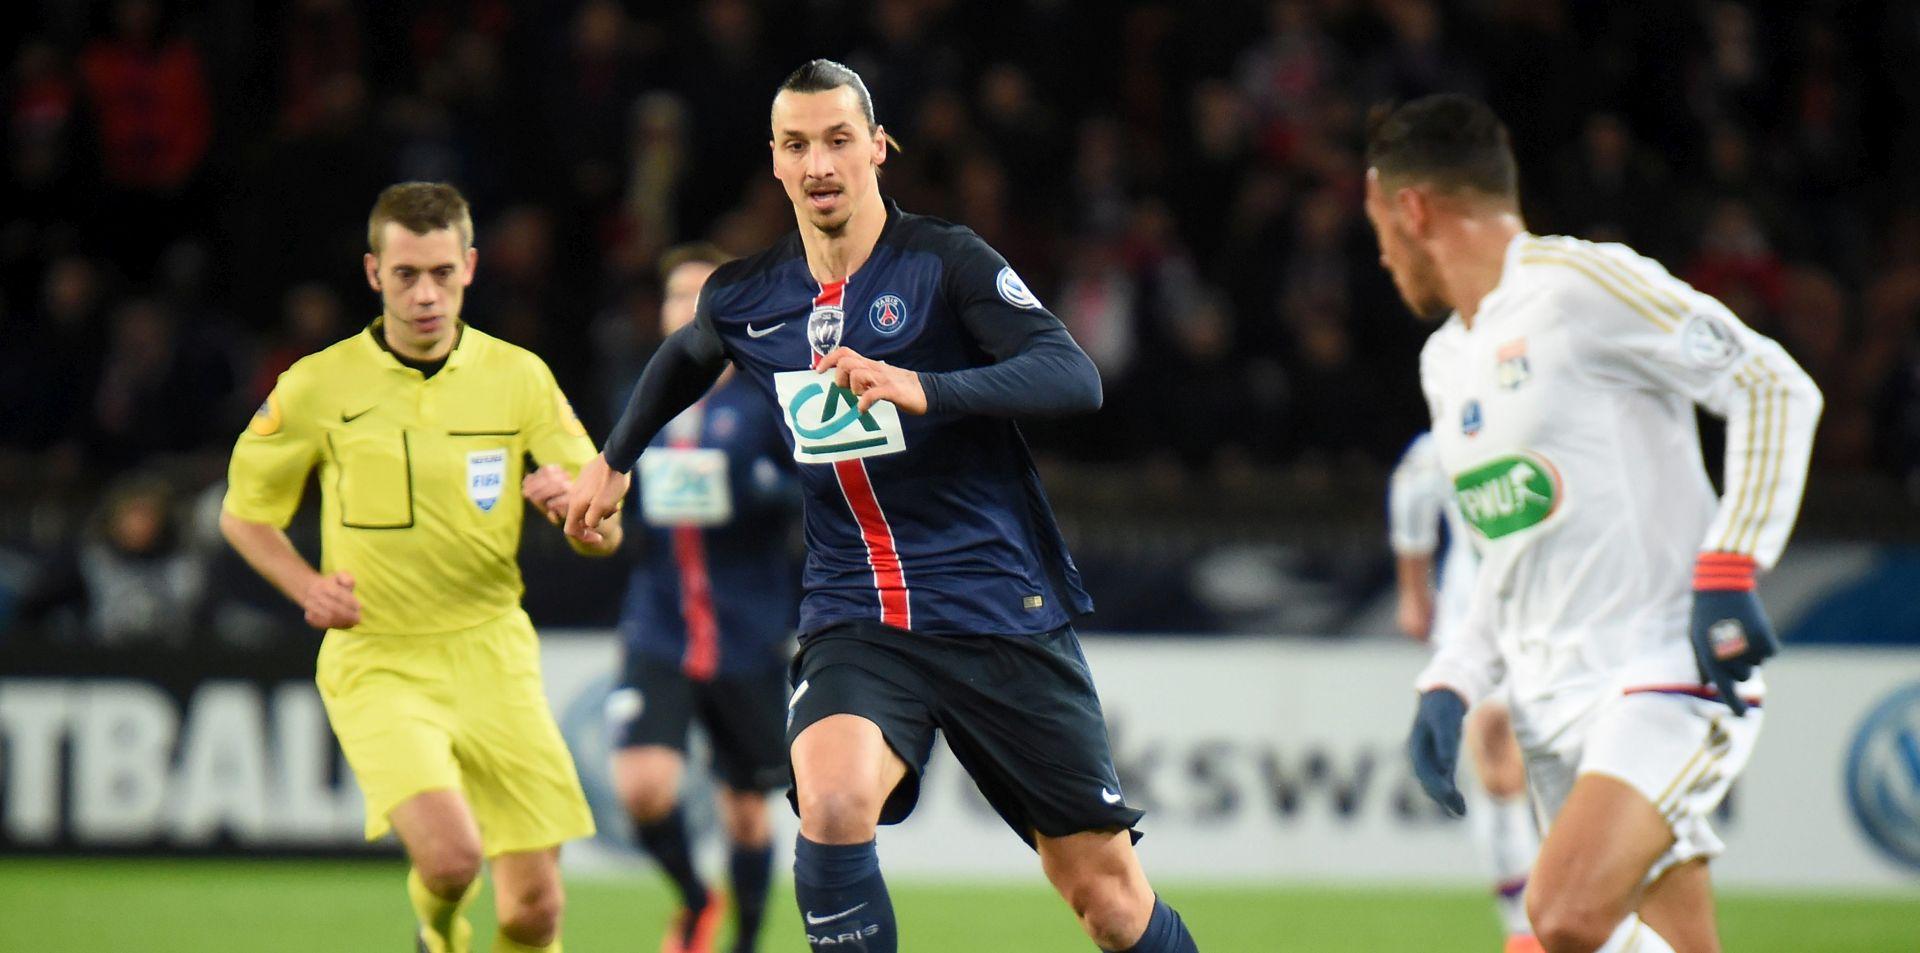 FRANCUSKI KUP: PSG uvjerljiv protiv Lyona, dva pogotka Ibrahimovića